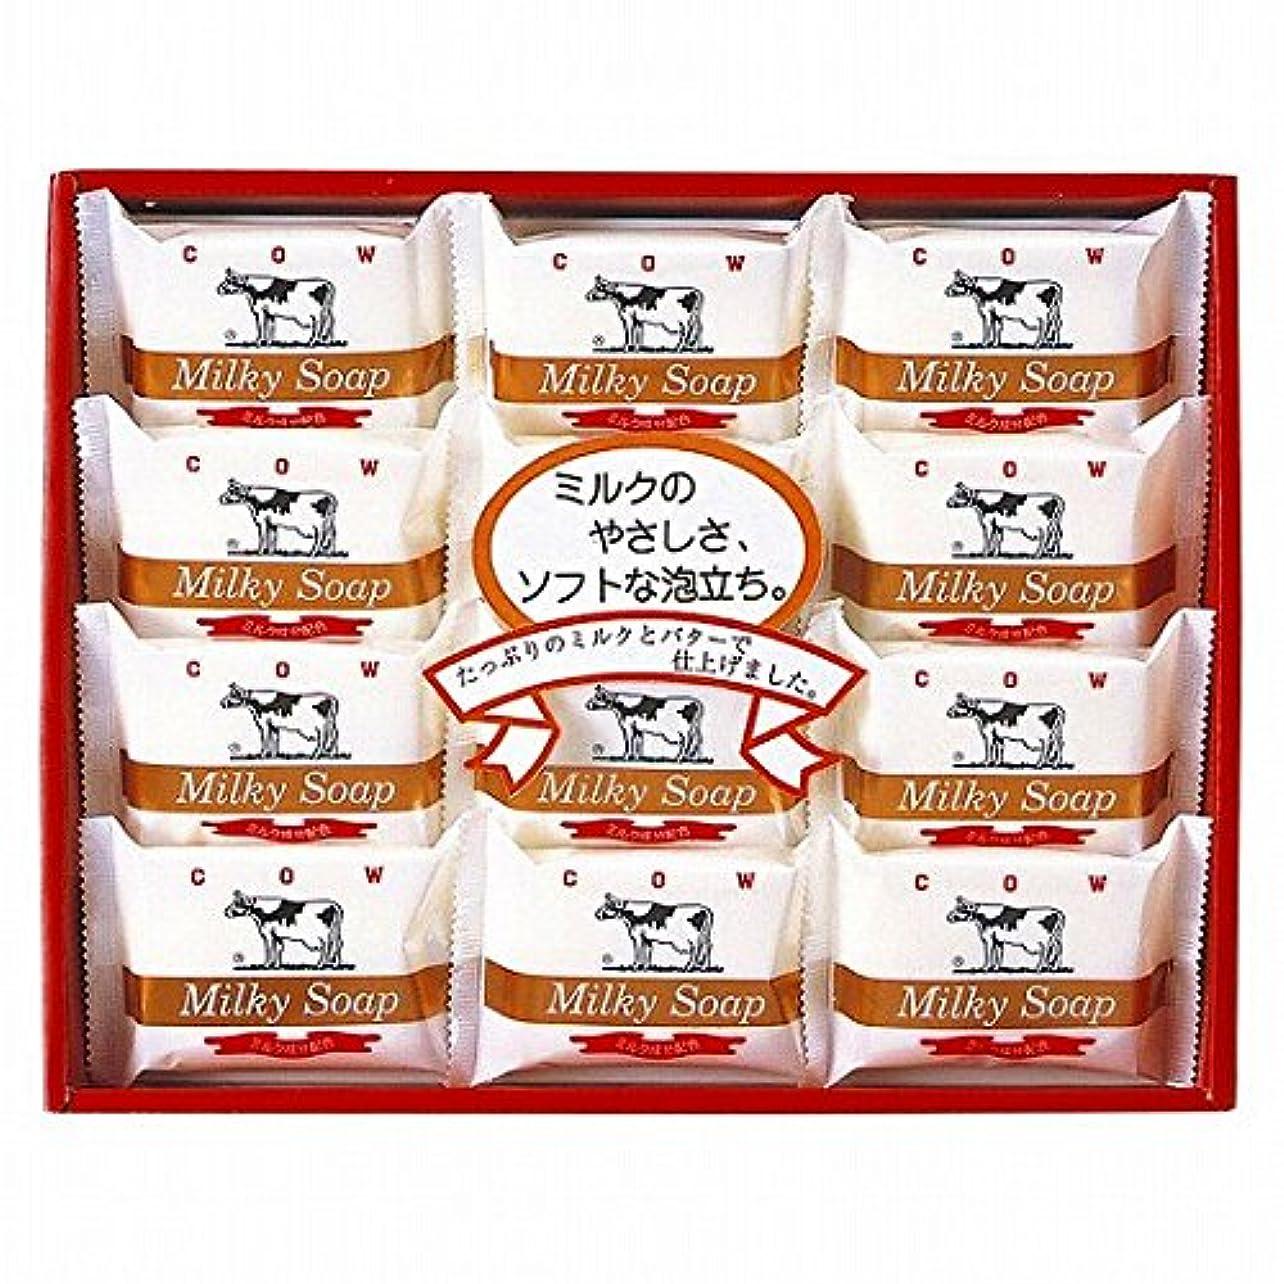 後世拳キャプションnobrand 牛乳石鹸 ゴールドソープセット (21940005)